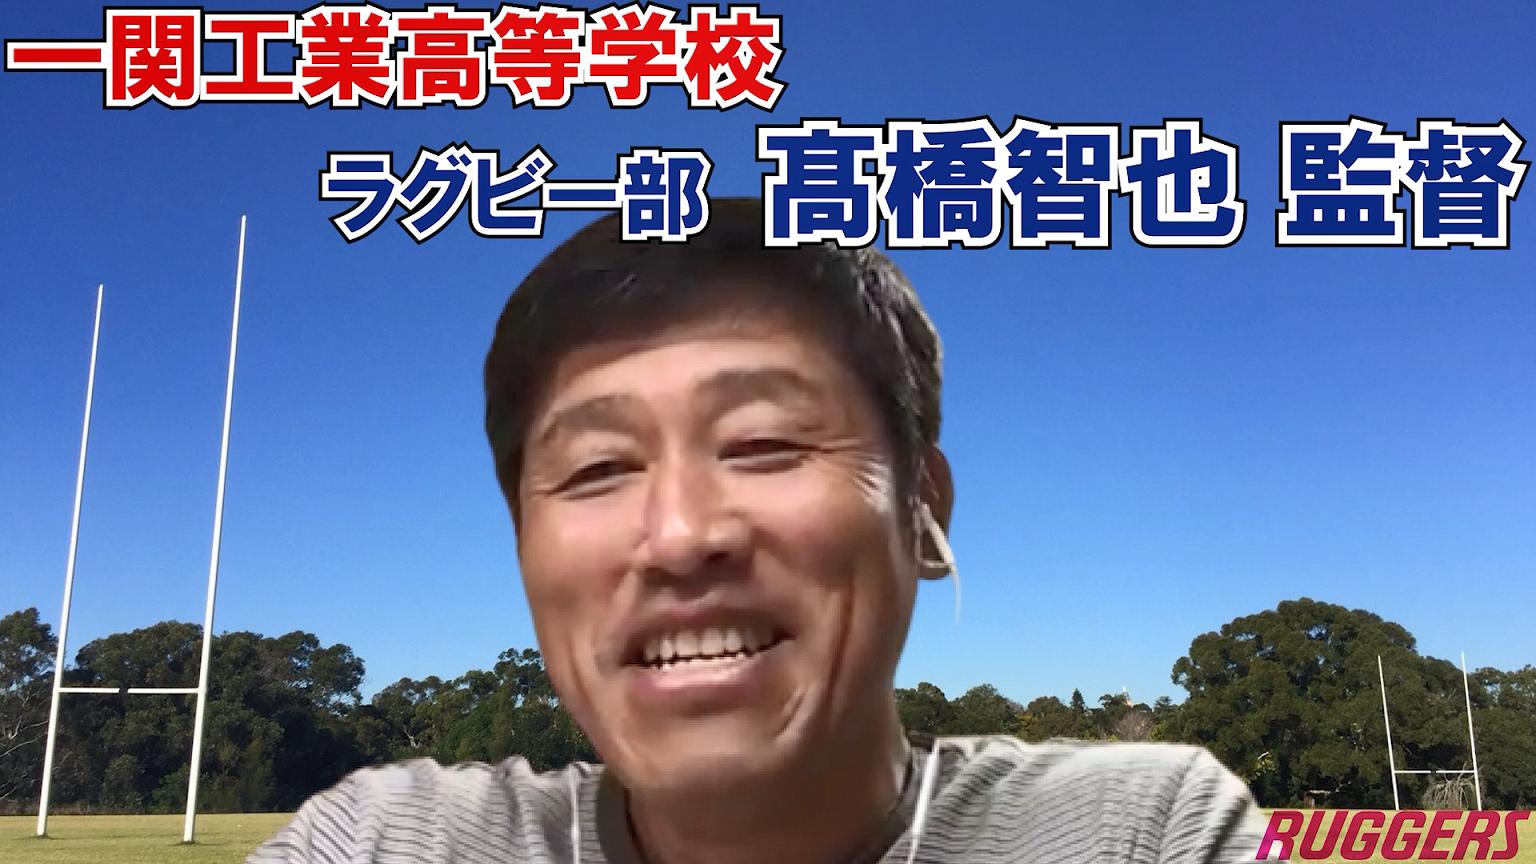 一関工業高校ラグビー部・髙橋監督インタビュー